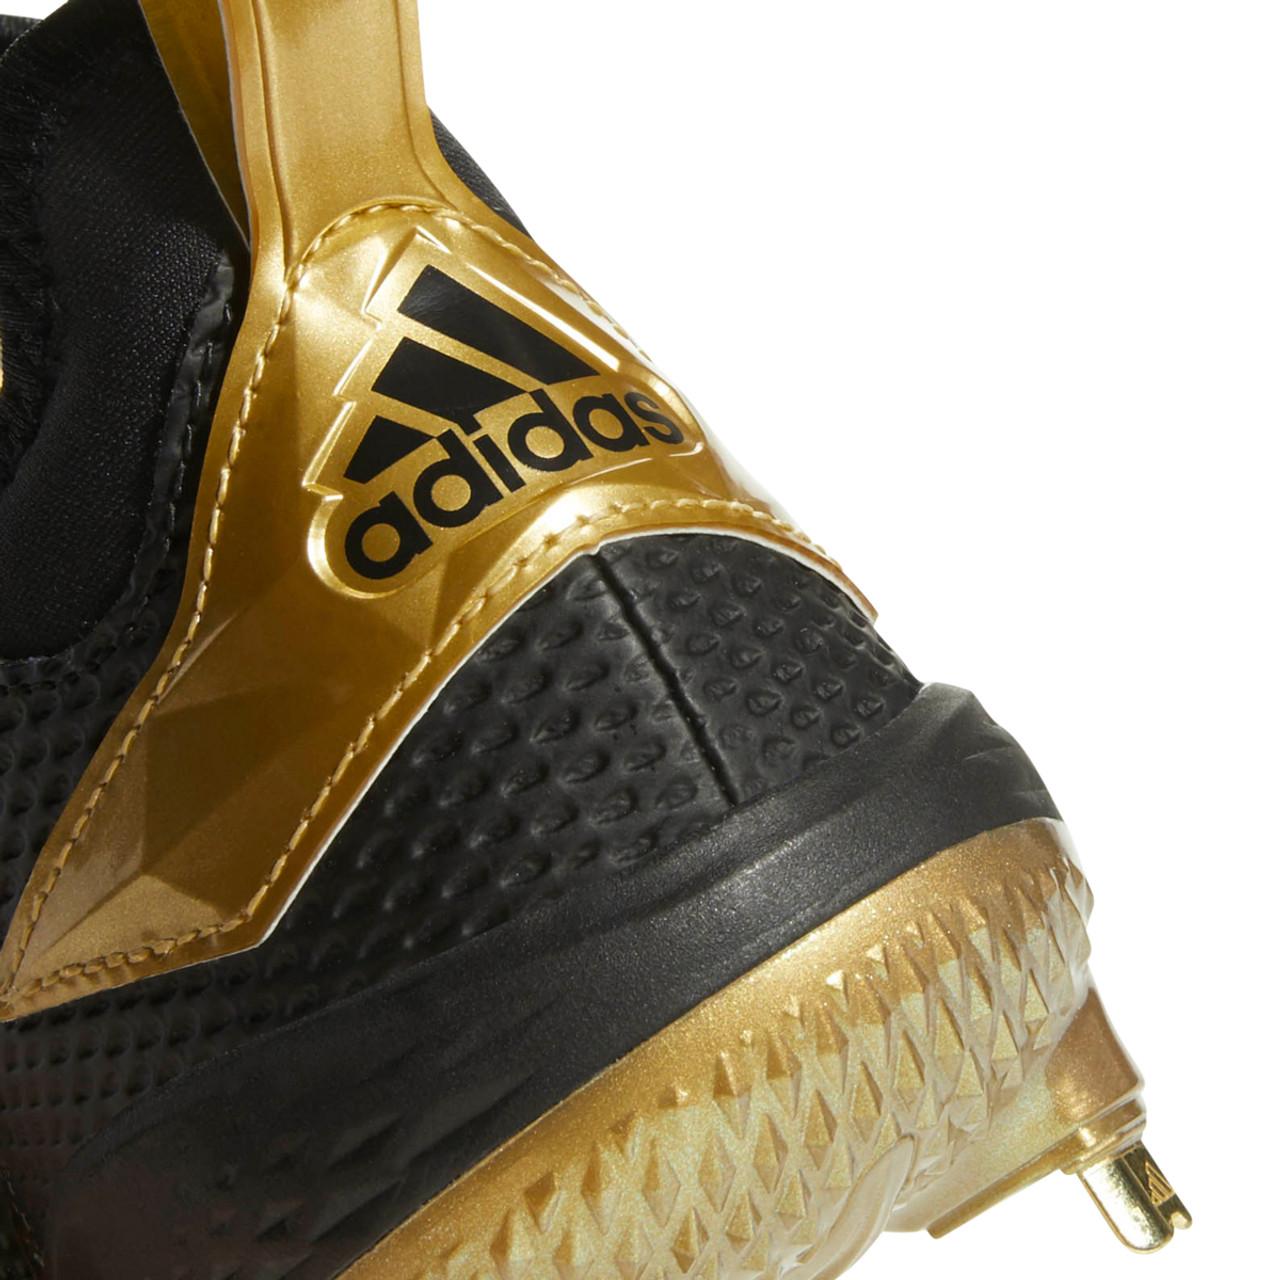 new arrival a227f 2dde0 ... Adidas Adizero Afterburner V Mens Baseball Cleats CG5223 ...